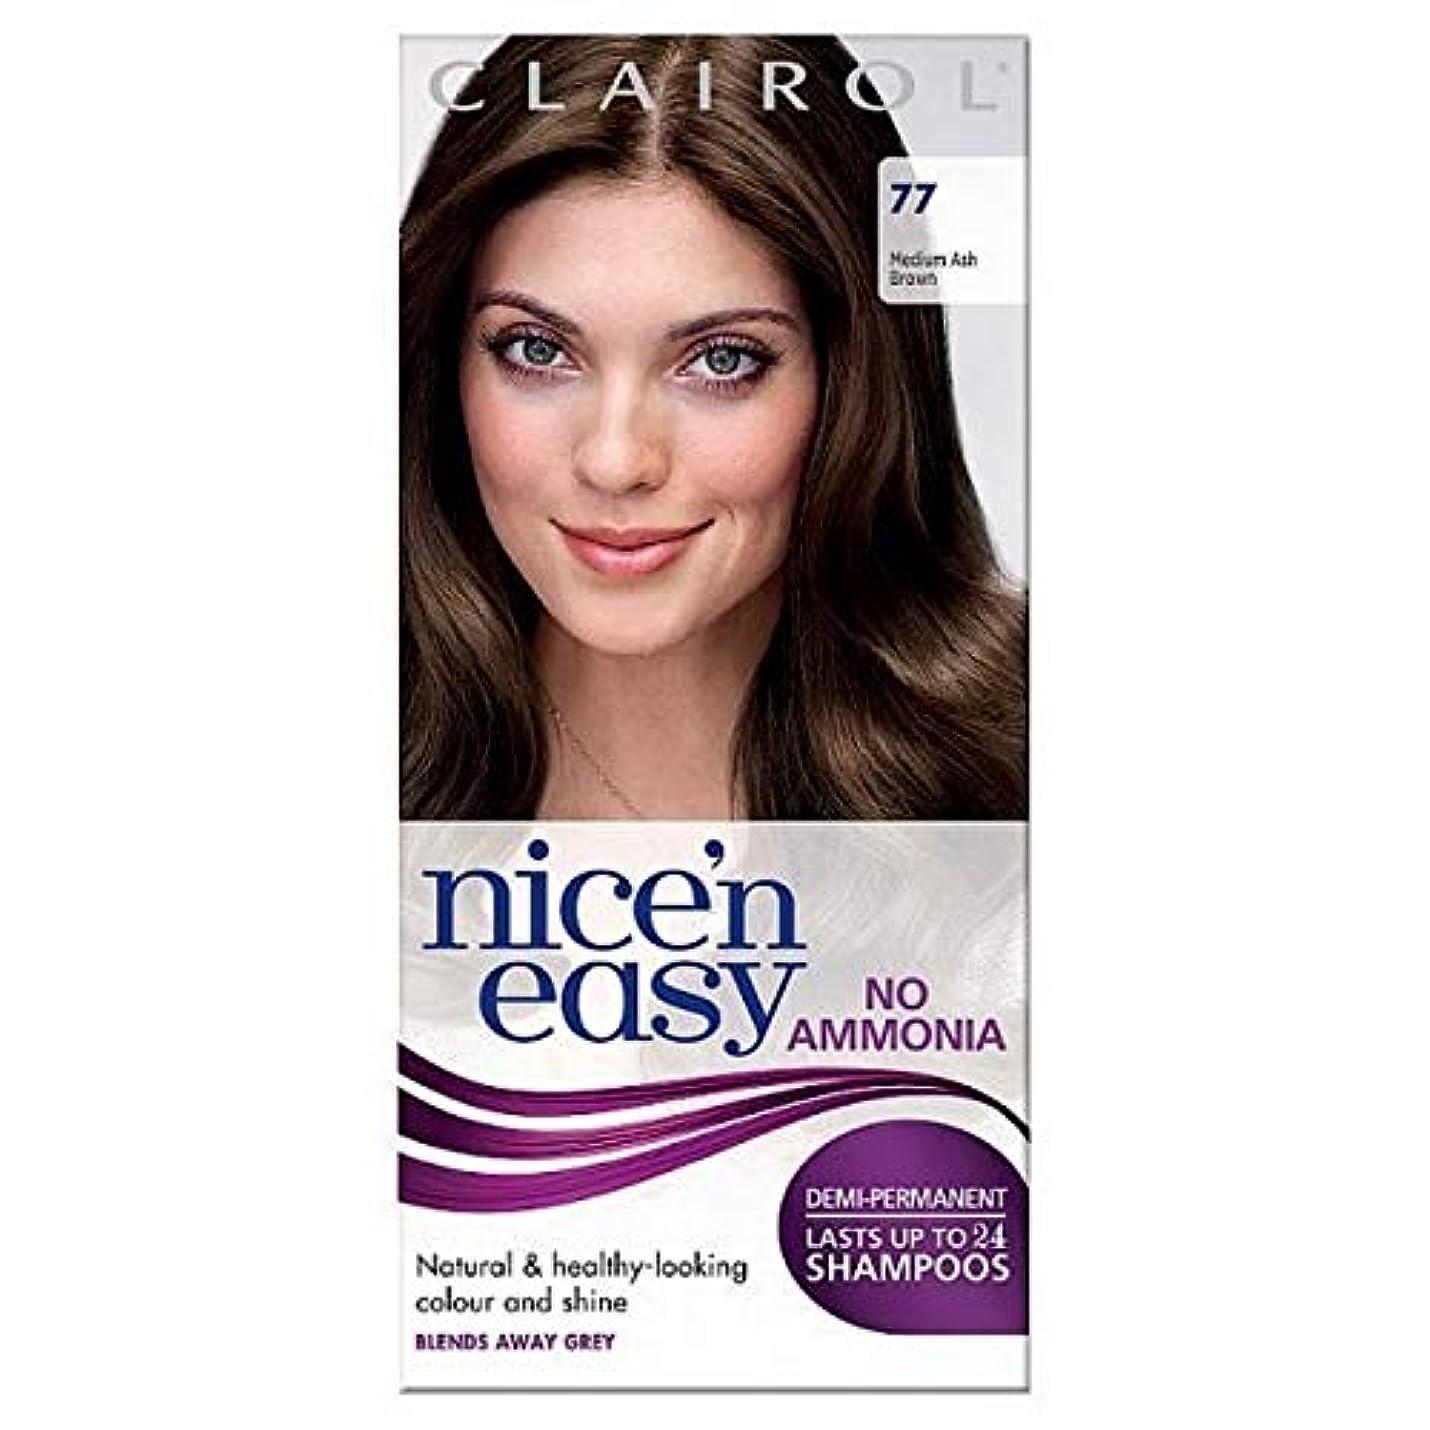 検査官カブジョリー[Nice'n Easy] Nice'N簡単に無アンモニア染毛剤中アッシュブラウン77 - Nice'n Easy No Ammonia Hair Dye Medium Ash Brown 77 [並行輸入品]